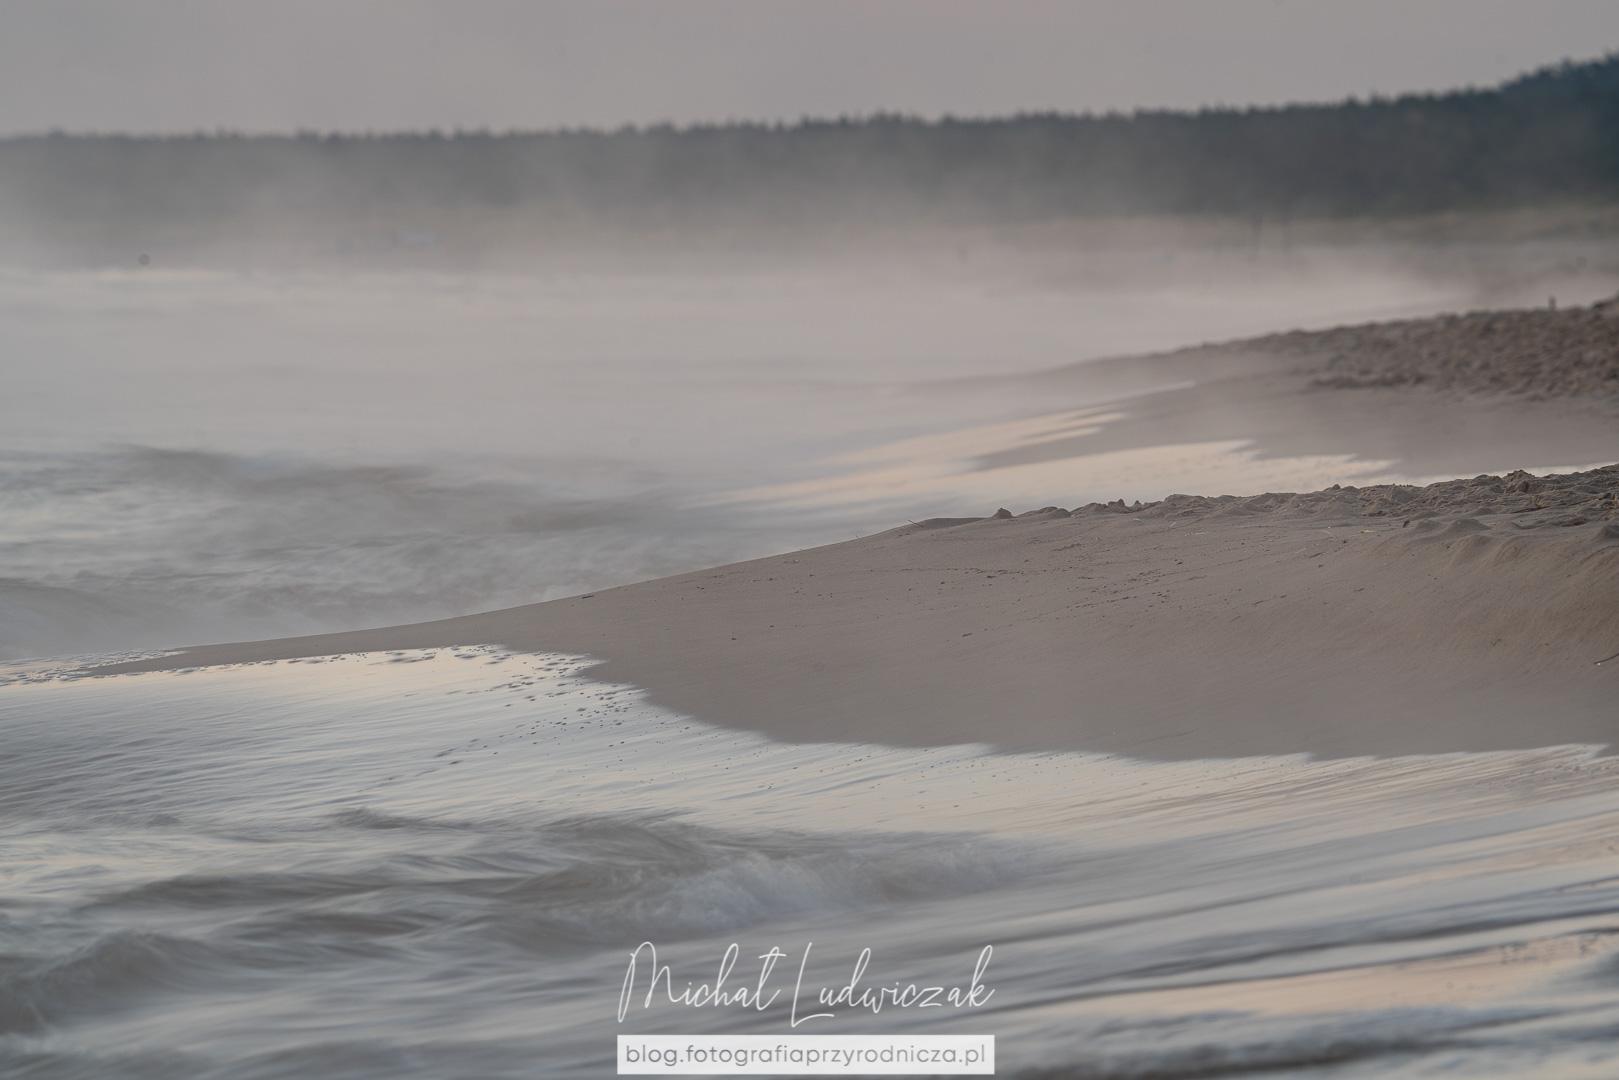 W oparach mgły